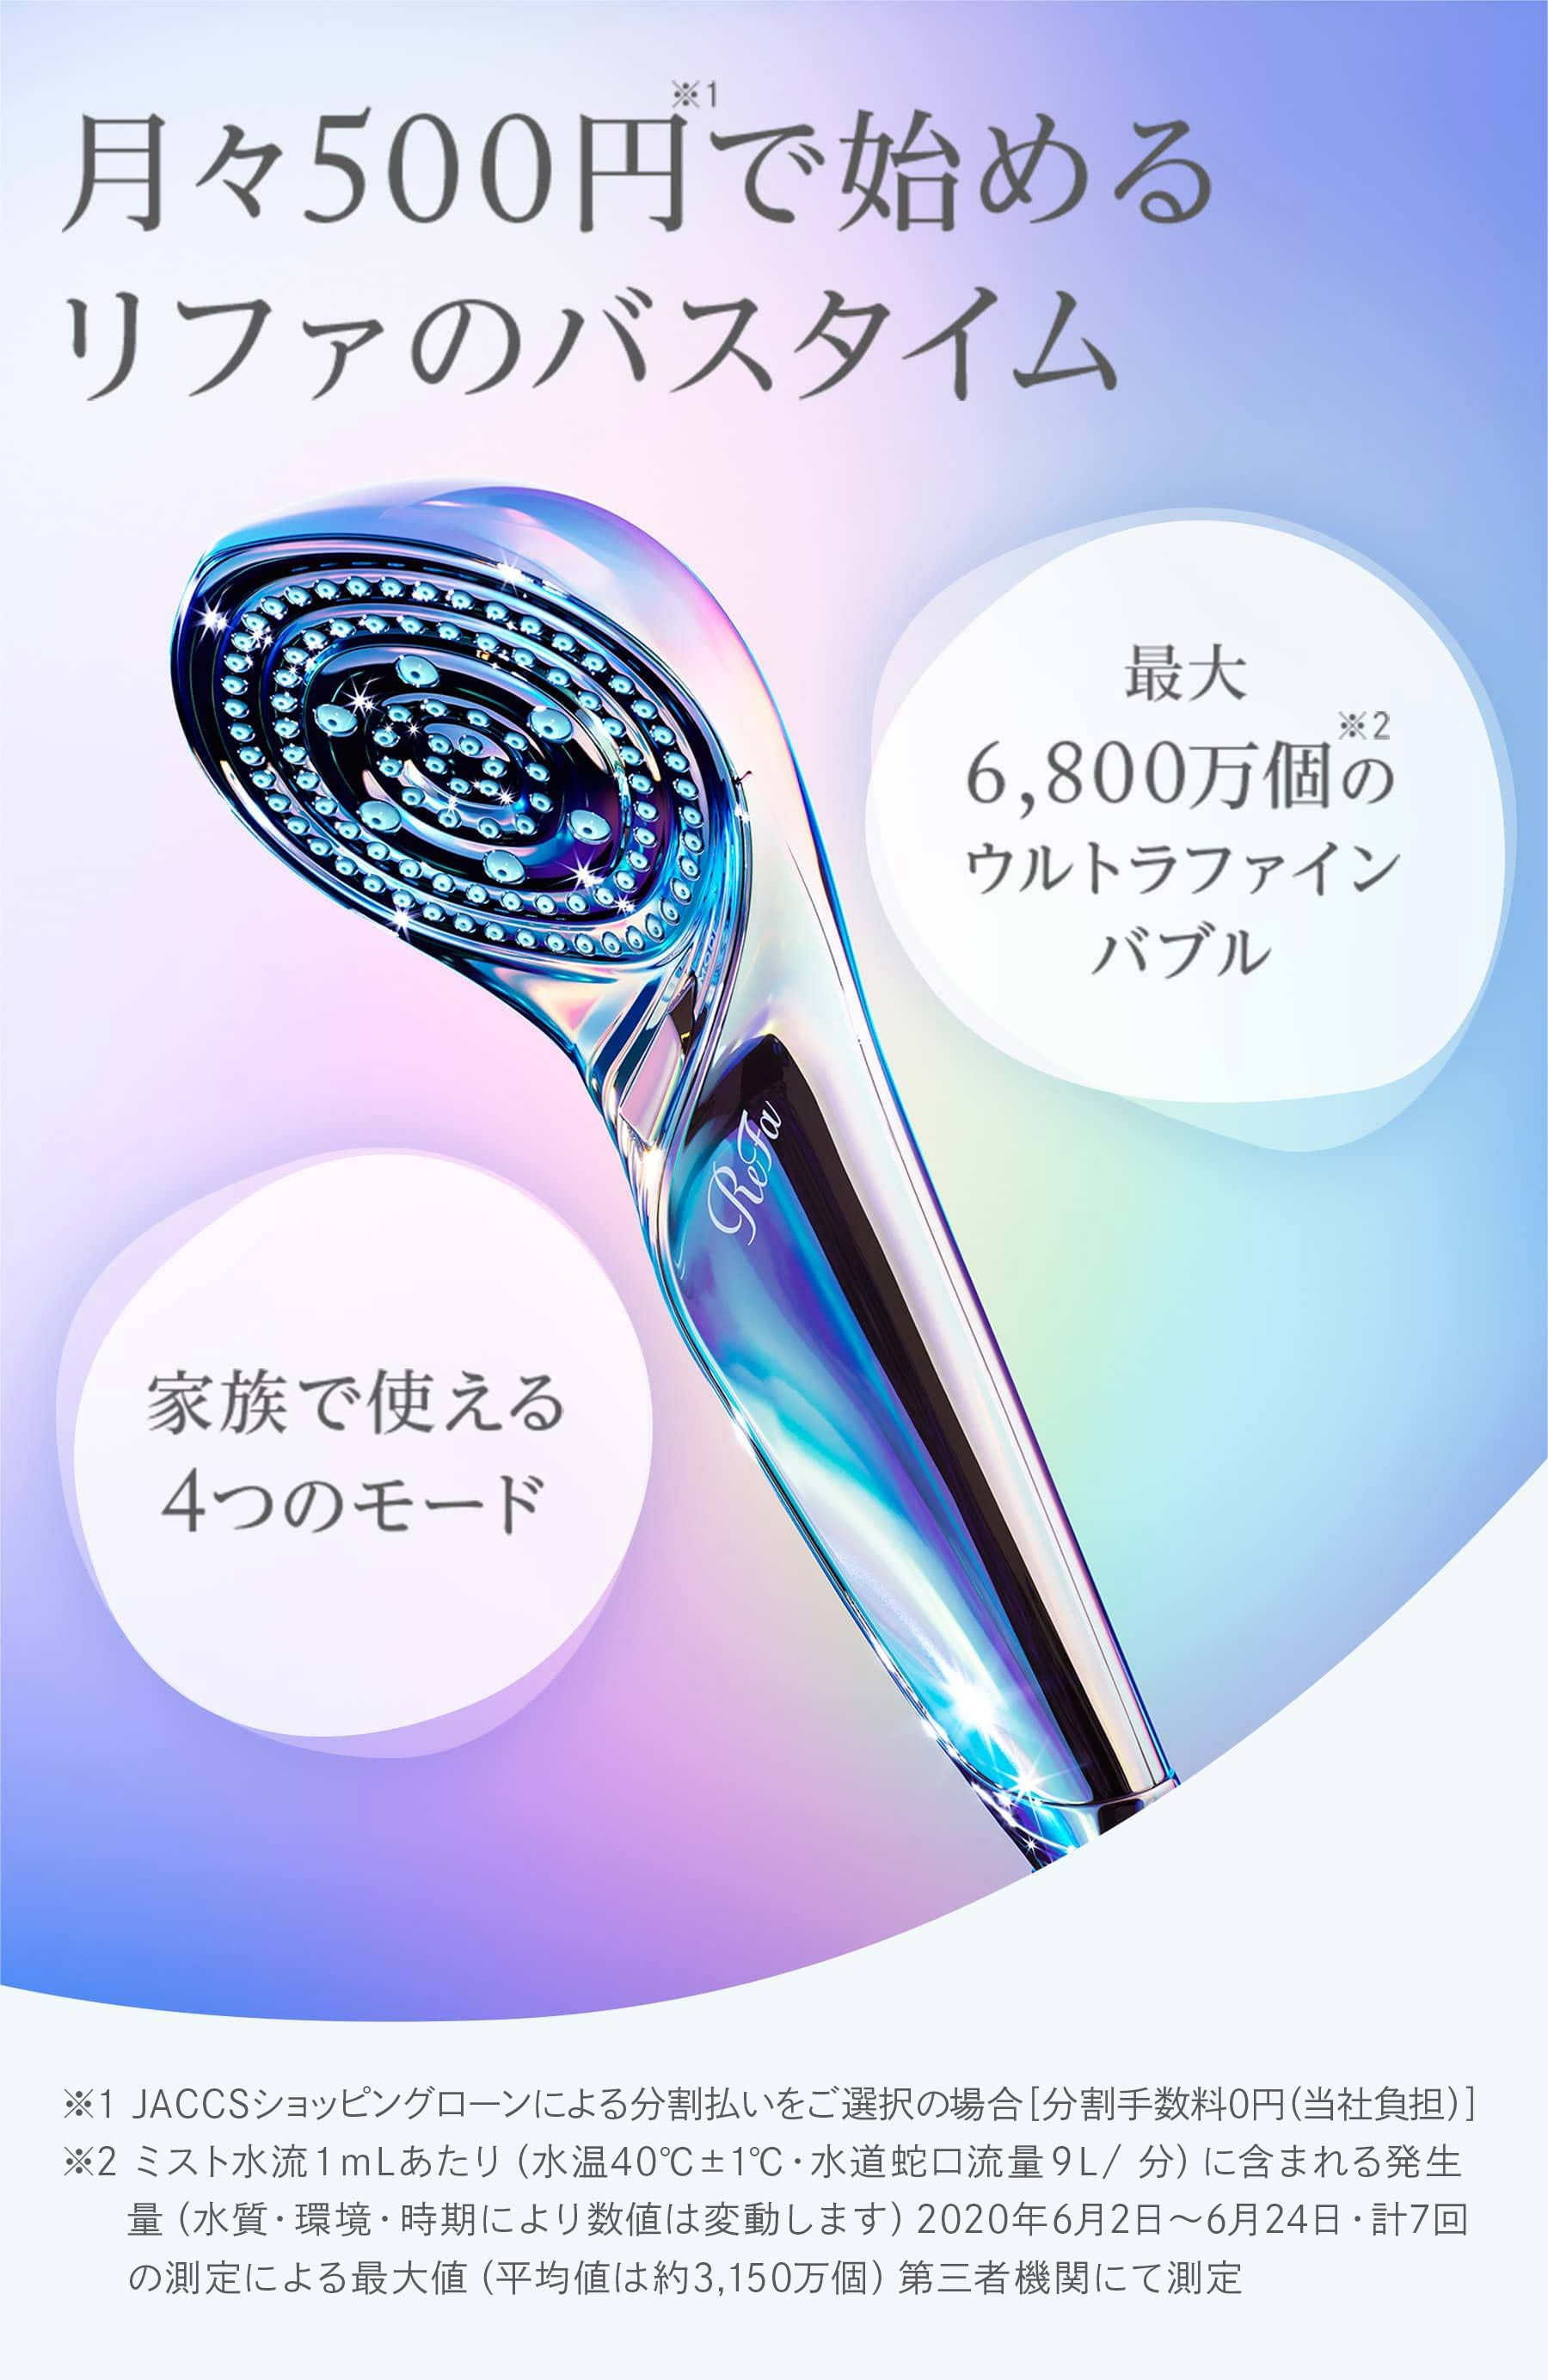 バブル シャワー ヘッド ファイン